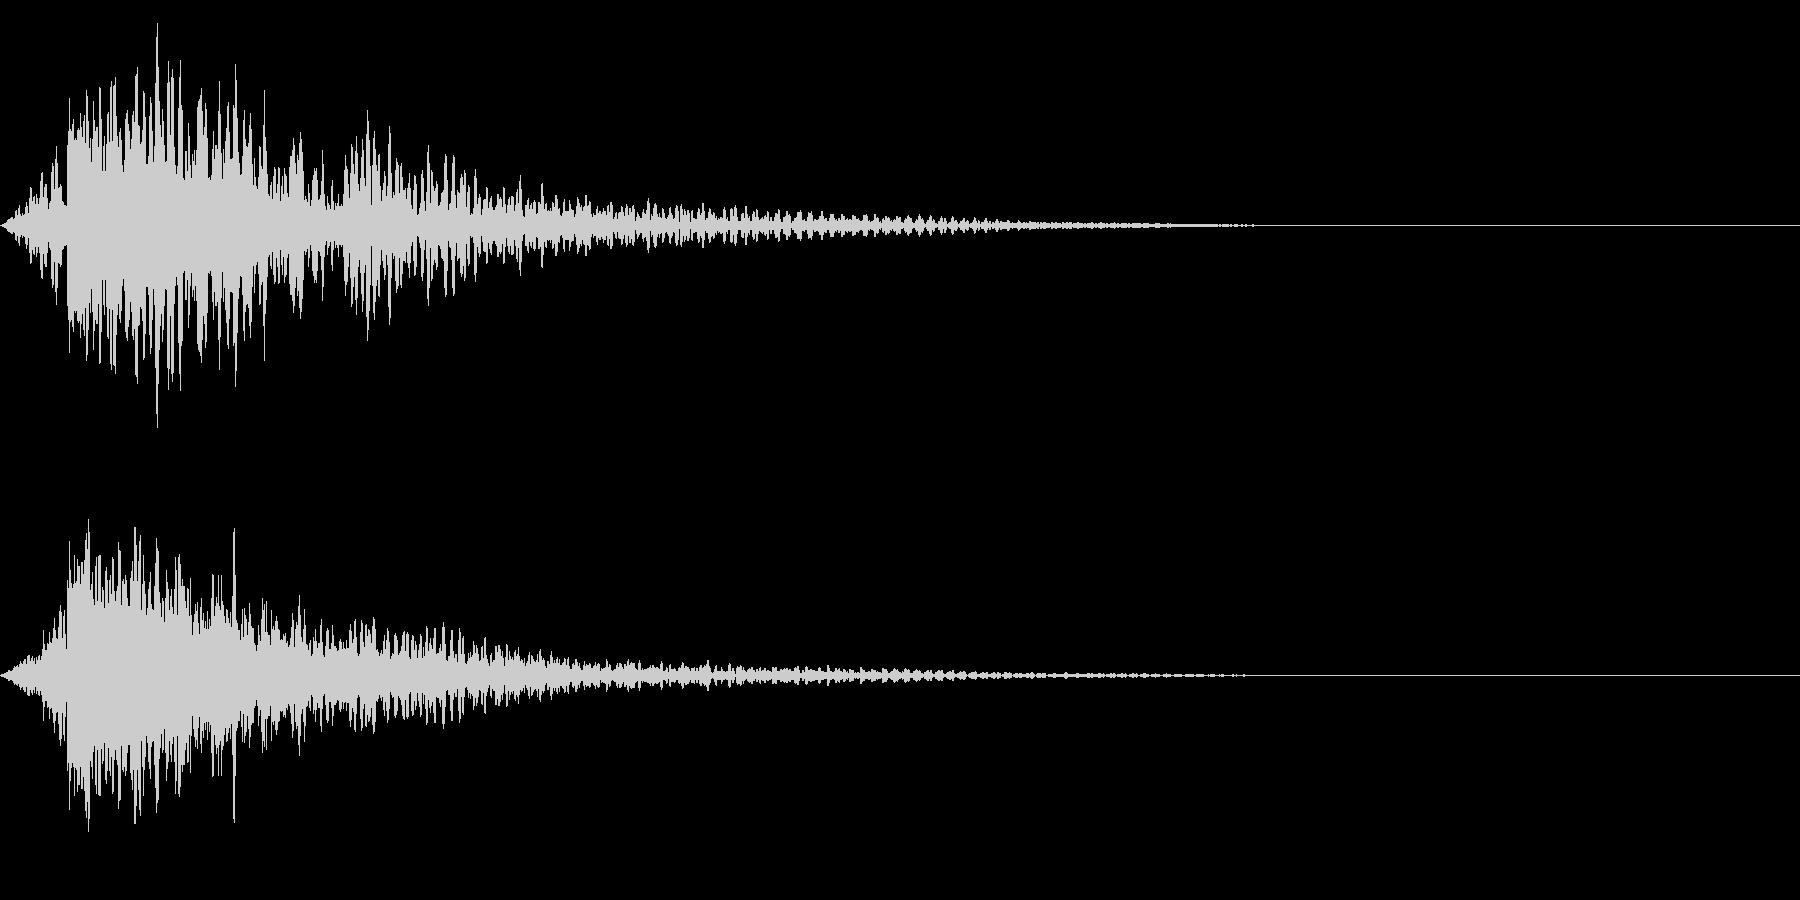 ホラー系アタック音98の未再生の波形